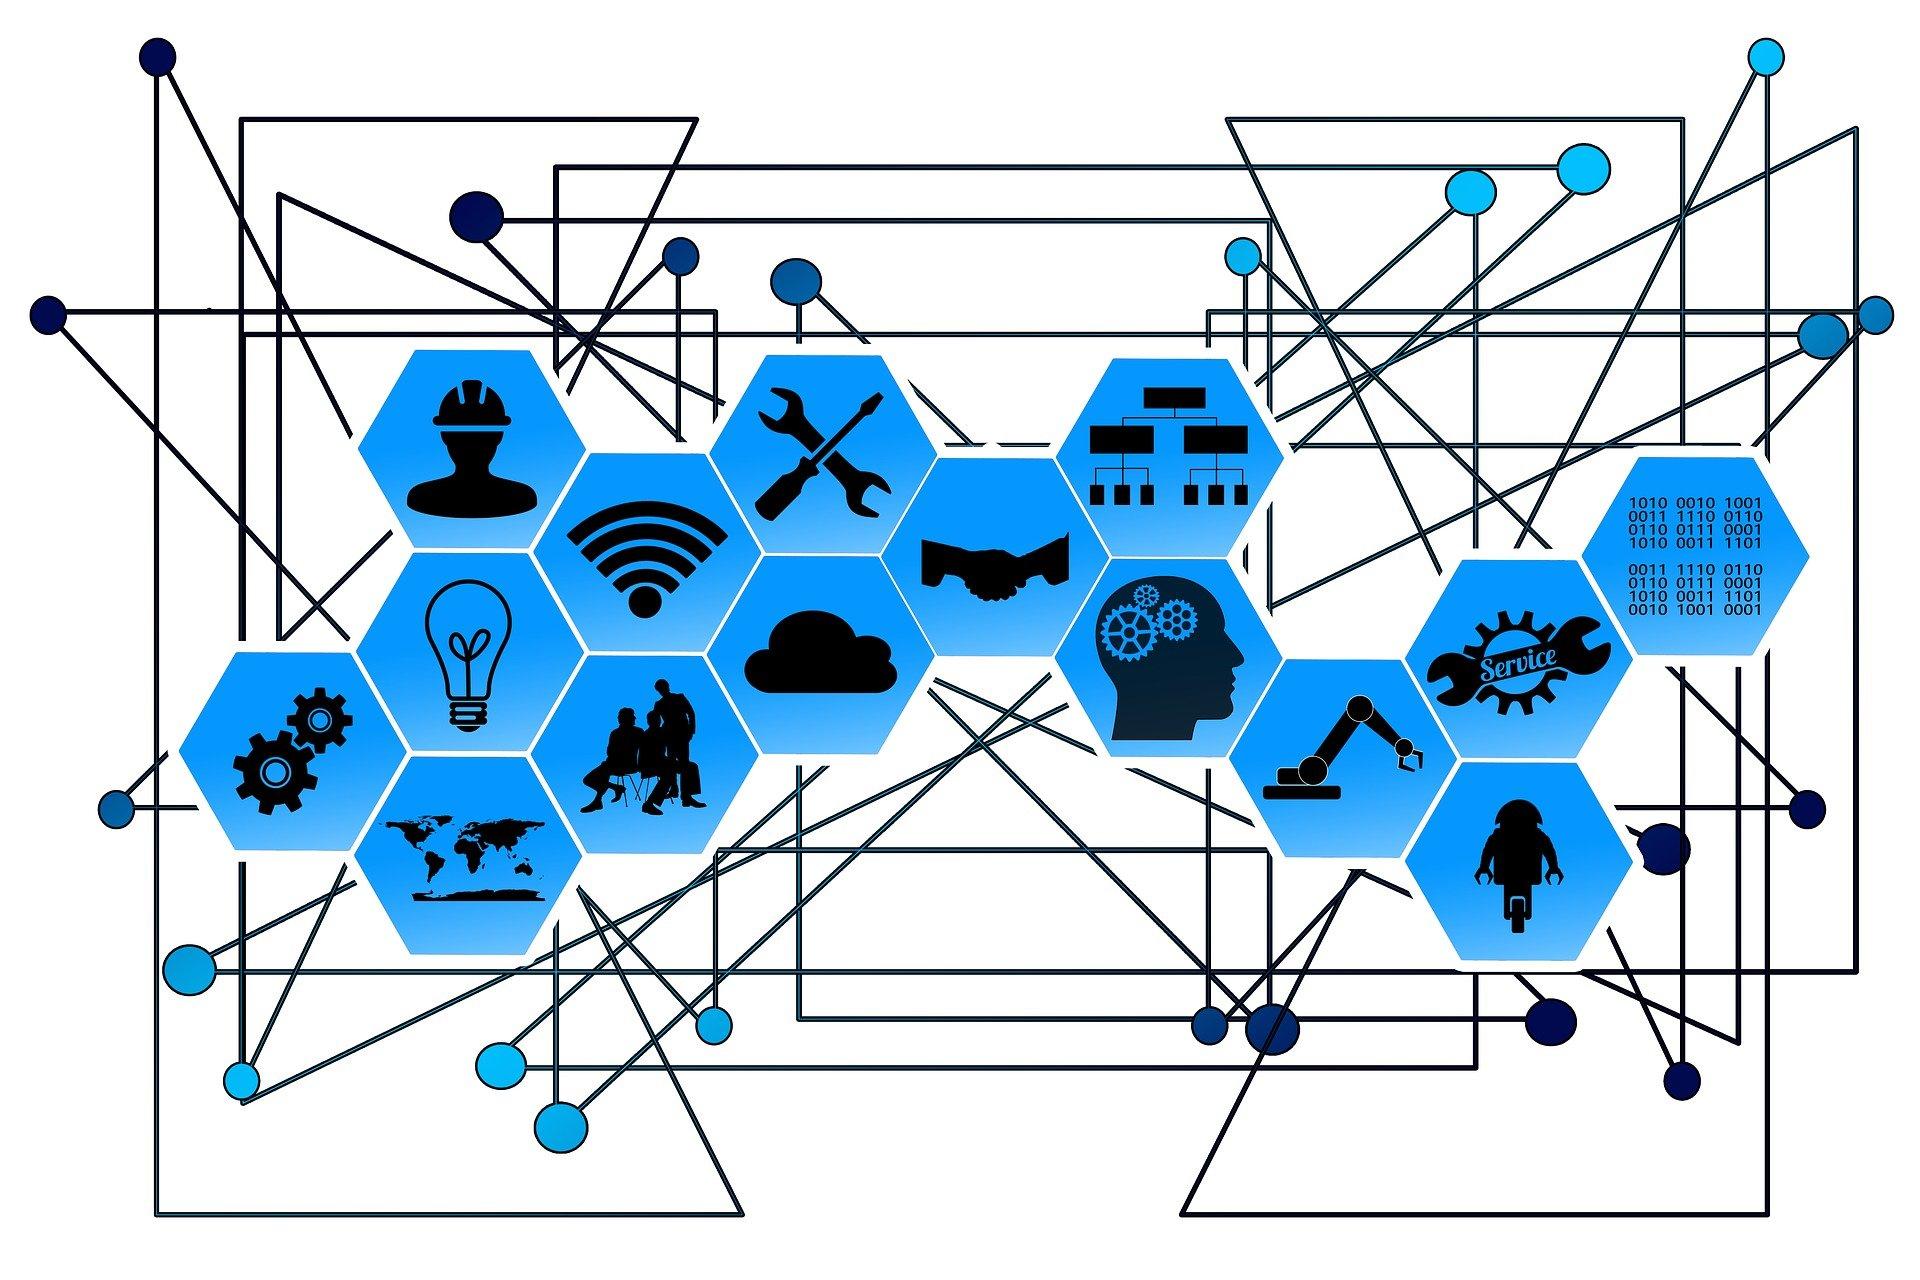 Schaubild mit vielen blauen, sechseckigen Kacheln zum Thema Industrie 4.0